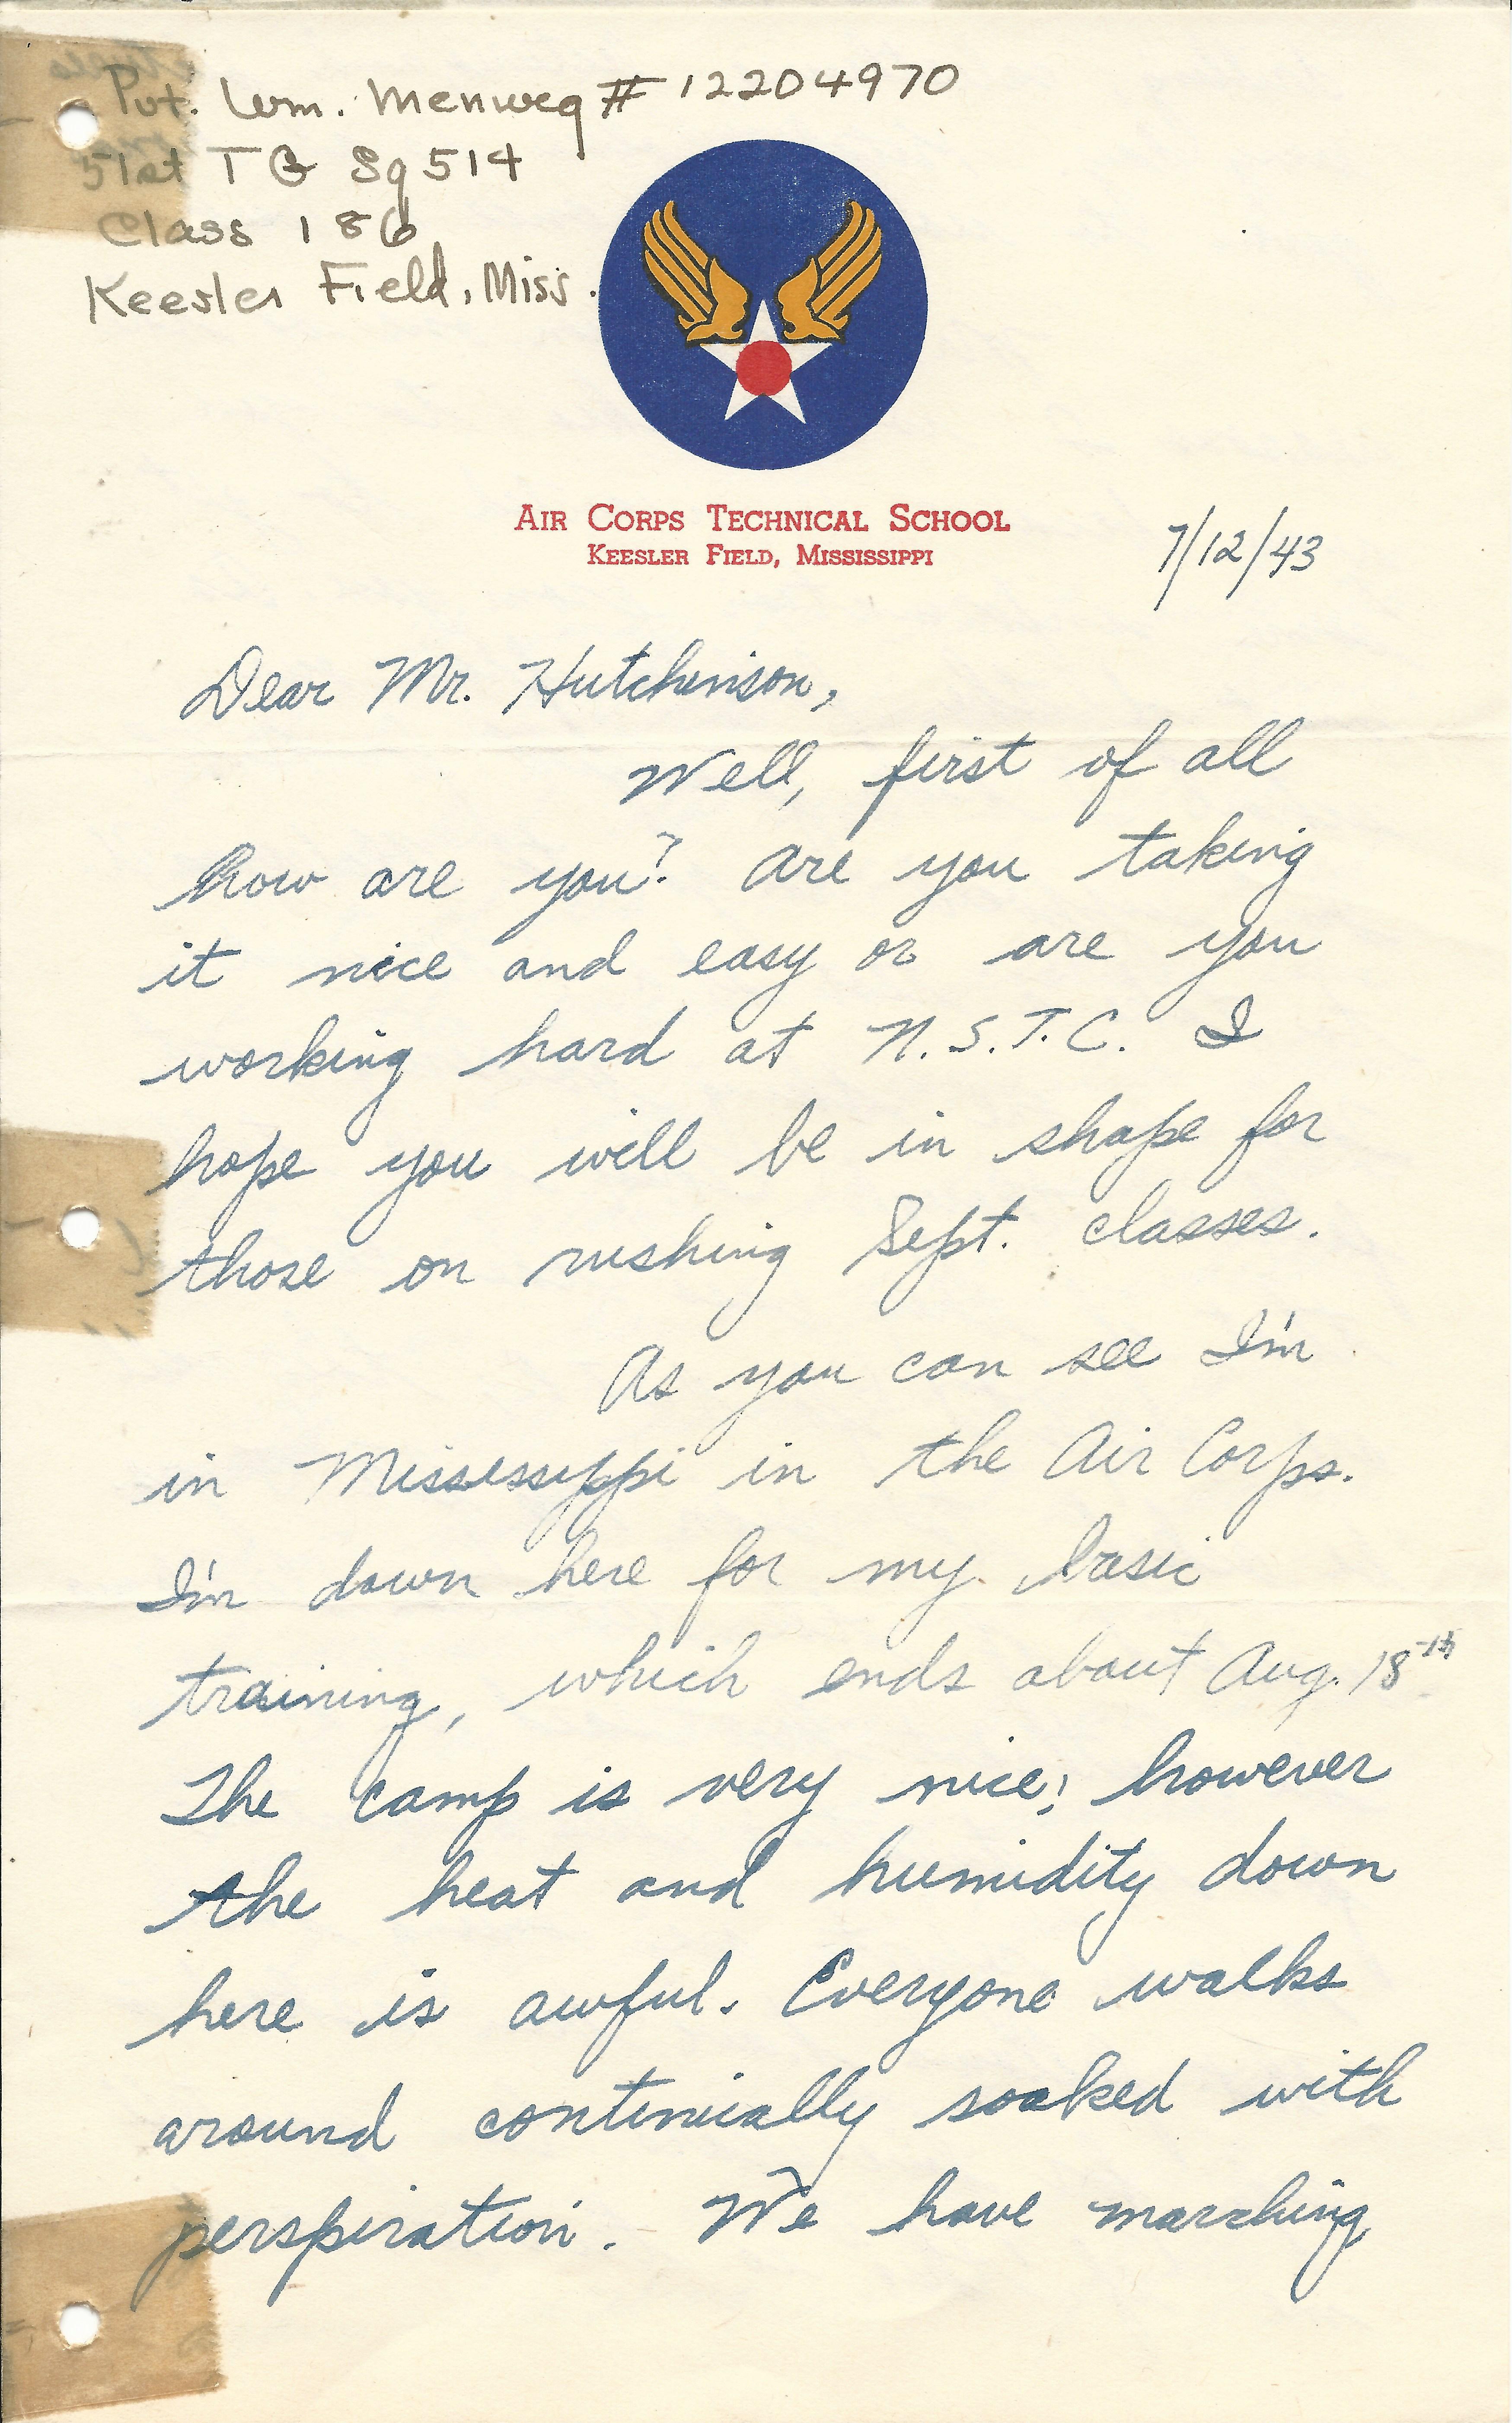 William Menweg July 12 1943